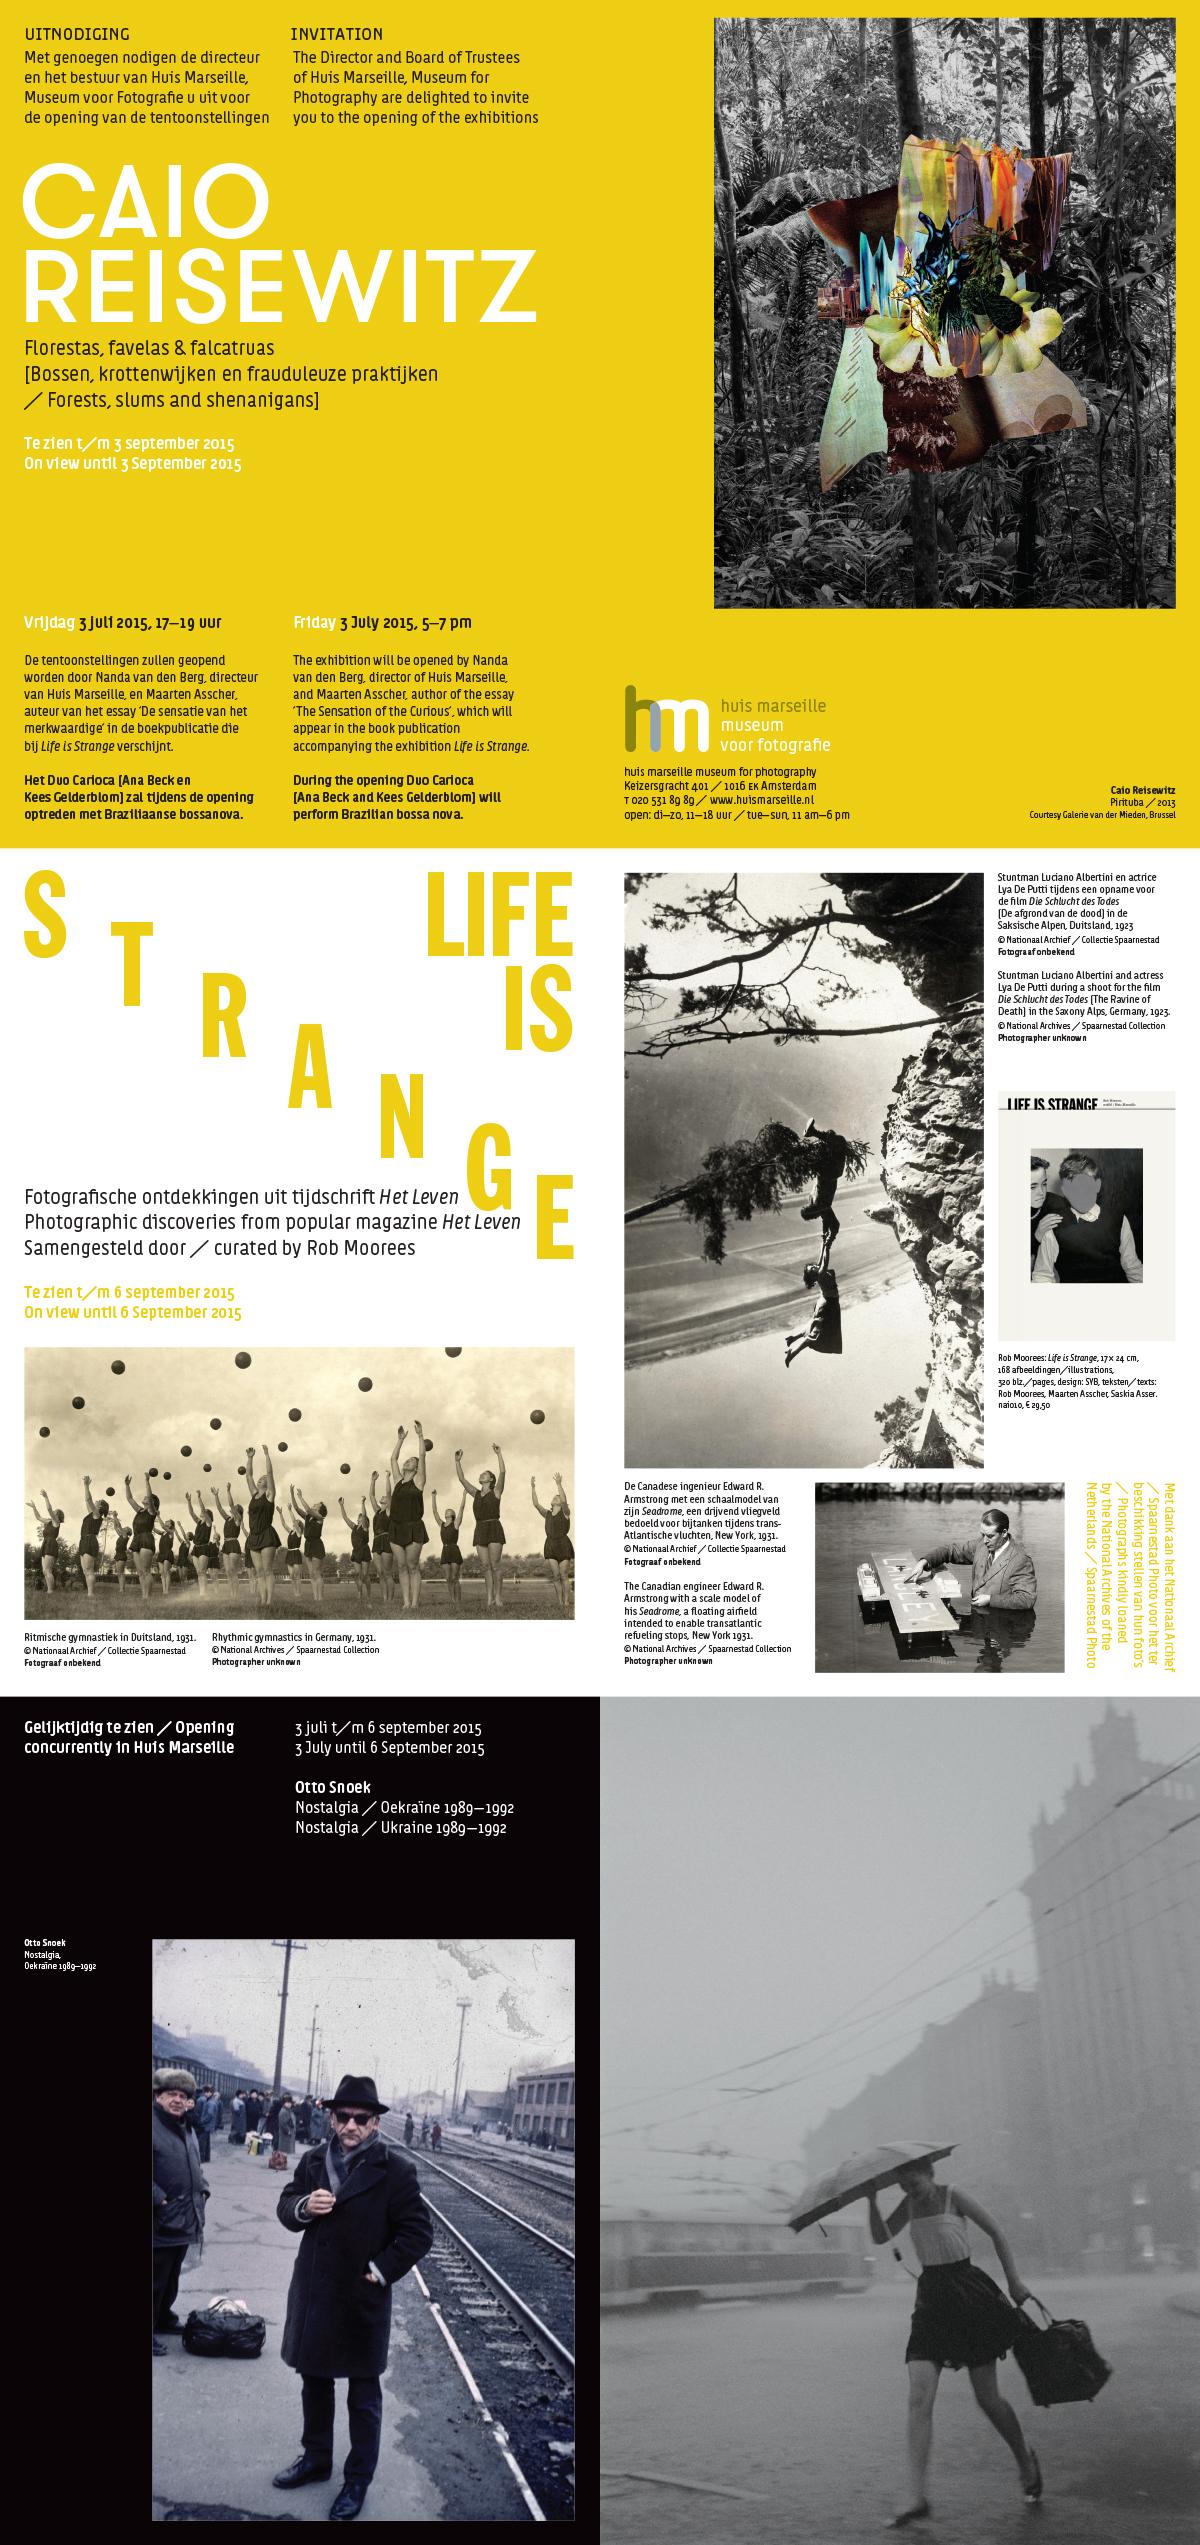 Huis Marseille Uitnodiging Caio Reisewitz, Otto Snoek, Life is Strange - 3 juli 2015